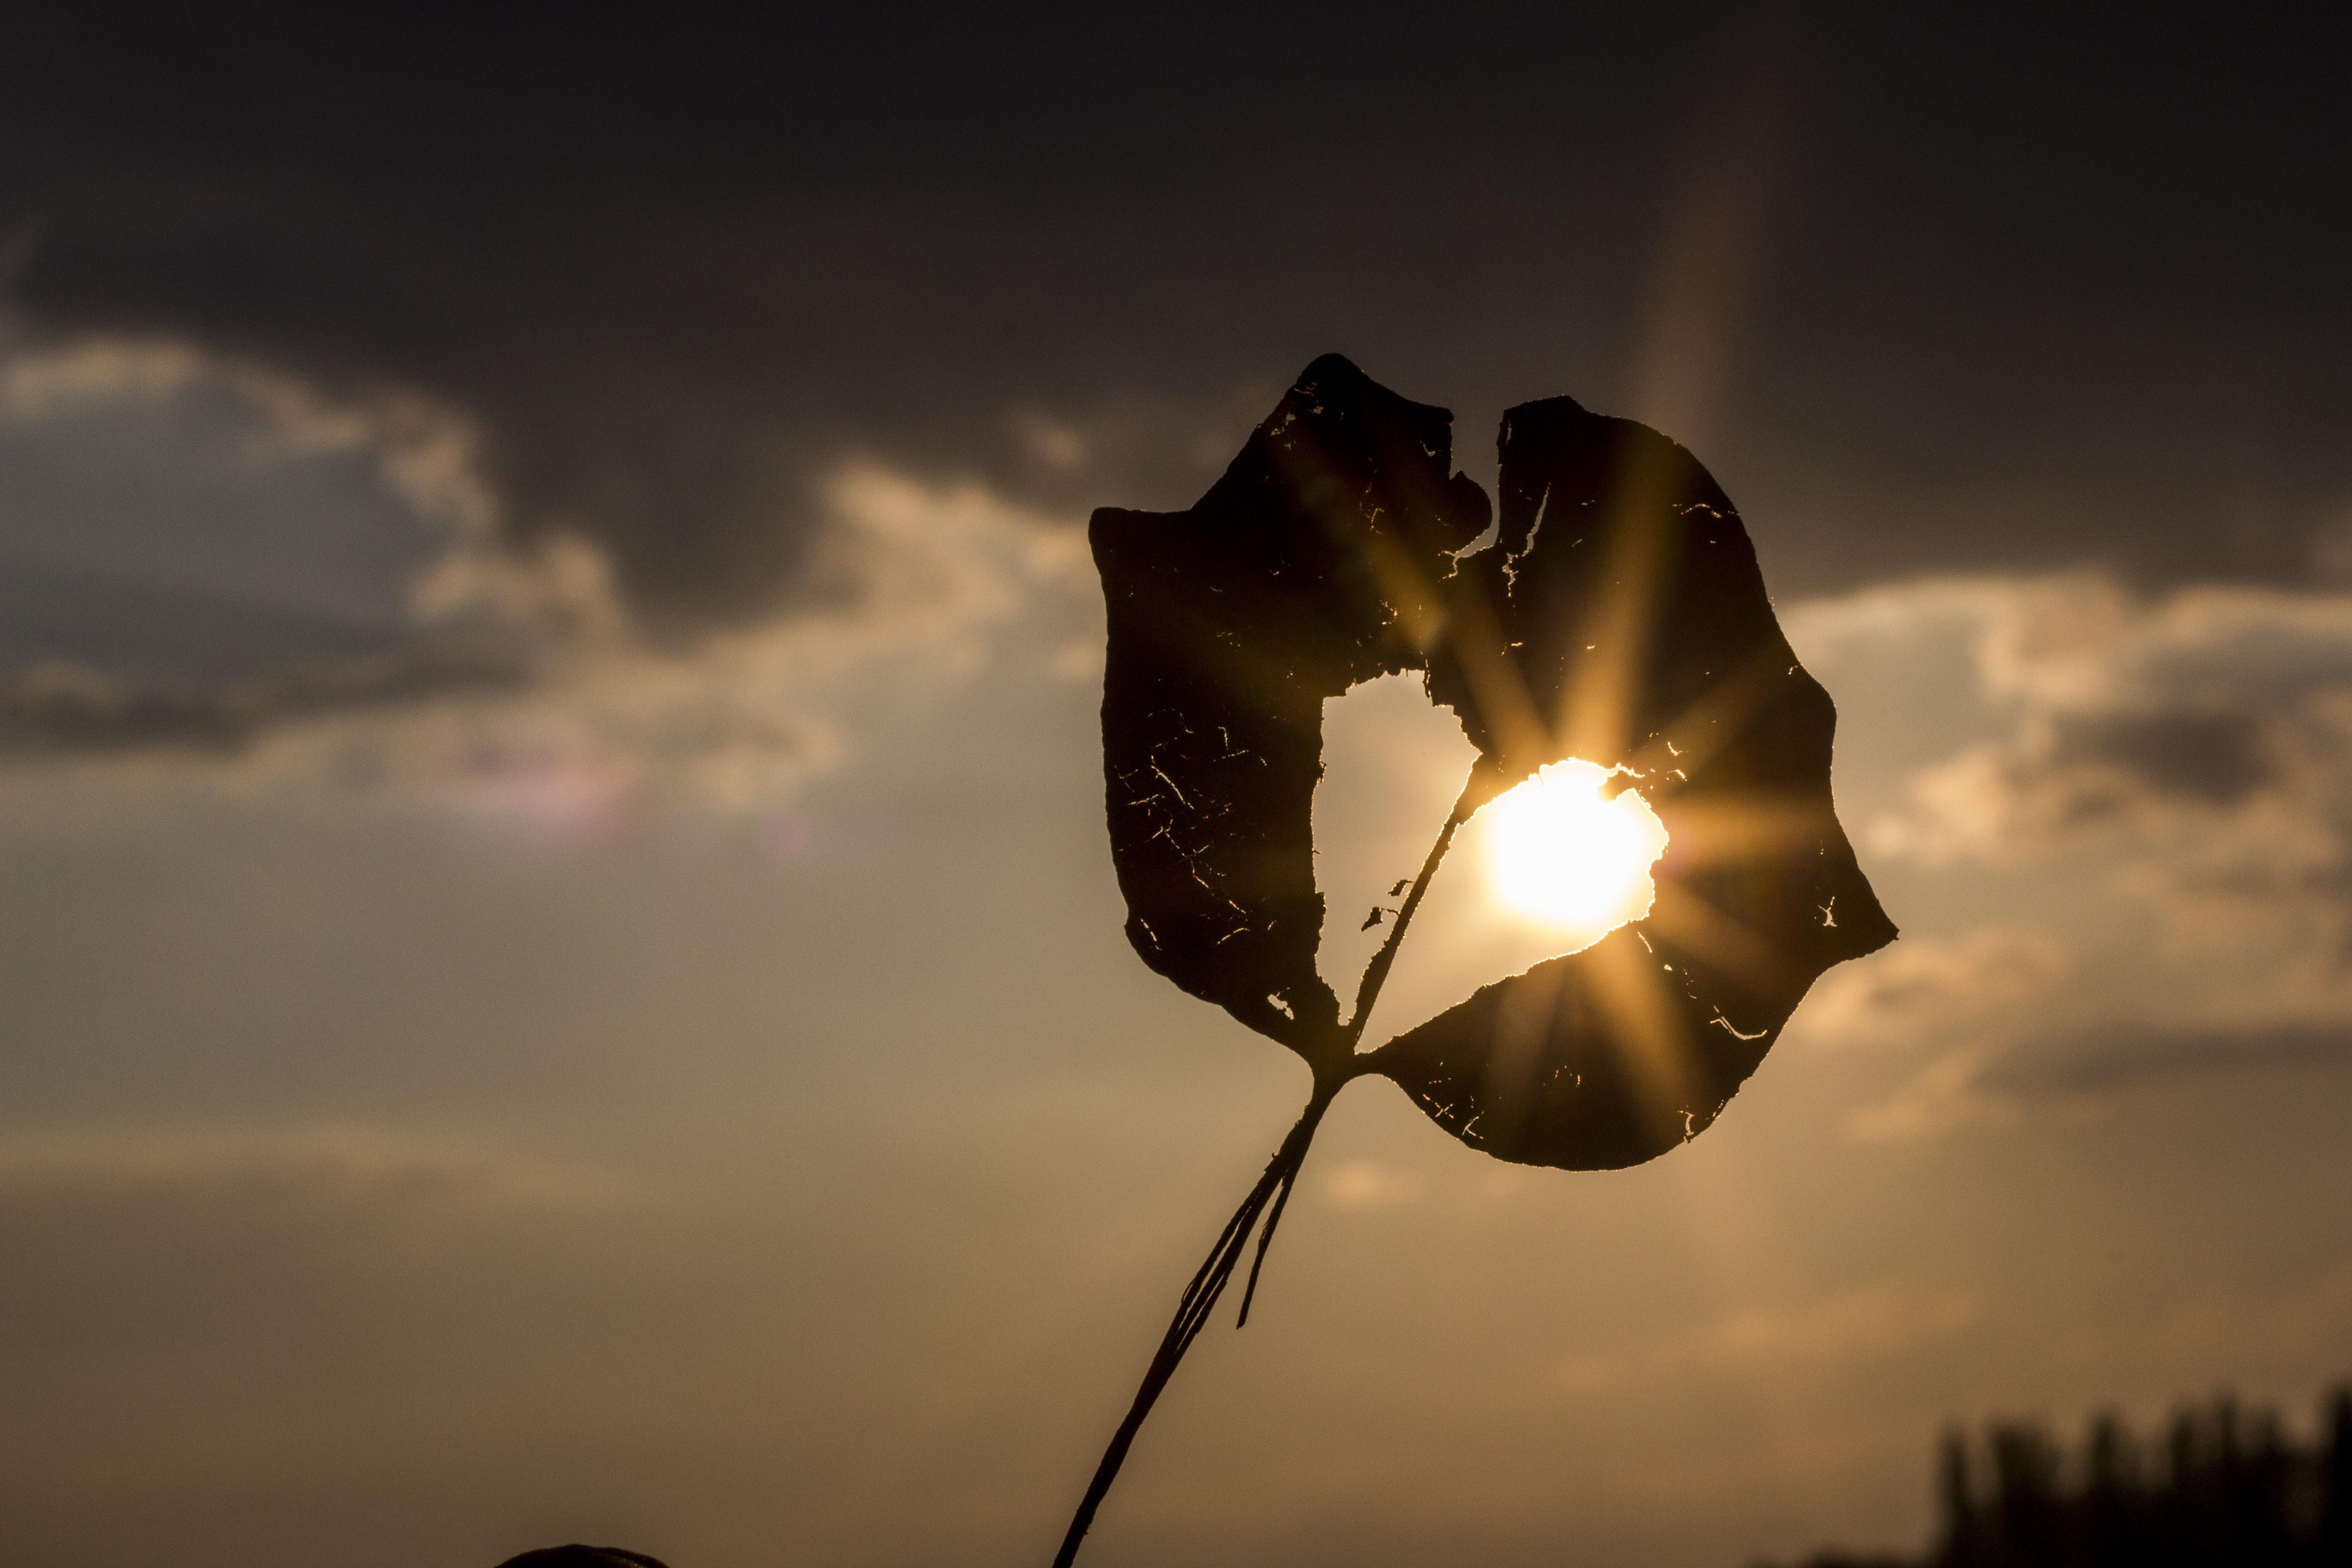 soleil rayon de soleil coeur brisé feuille